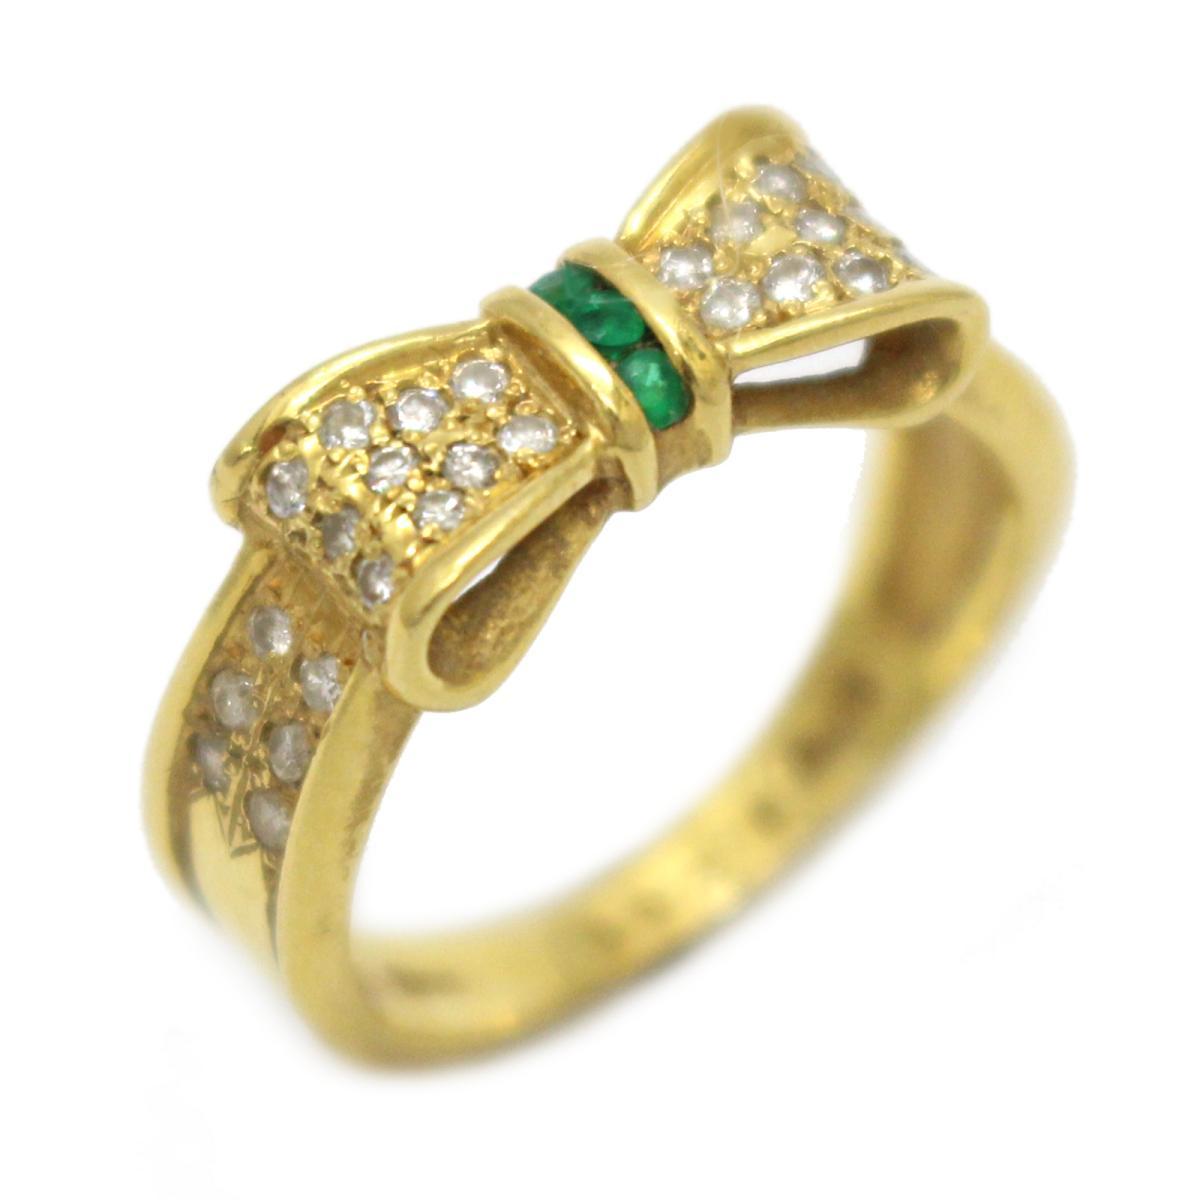 【中古】 ジュエリー エメラルド ダイヤモンド リング 指輪 レディース K18YG (750) イエローゴールド x グリーン クリアー | JEWELRY BRANDOFF ブランドオフ ブランド アクセサリー